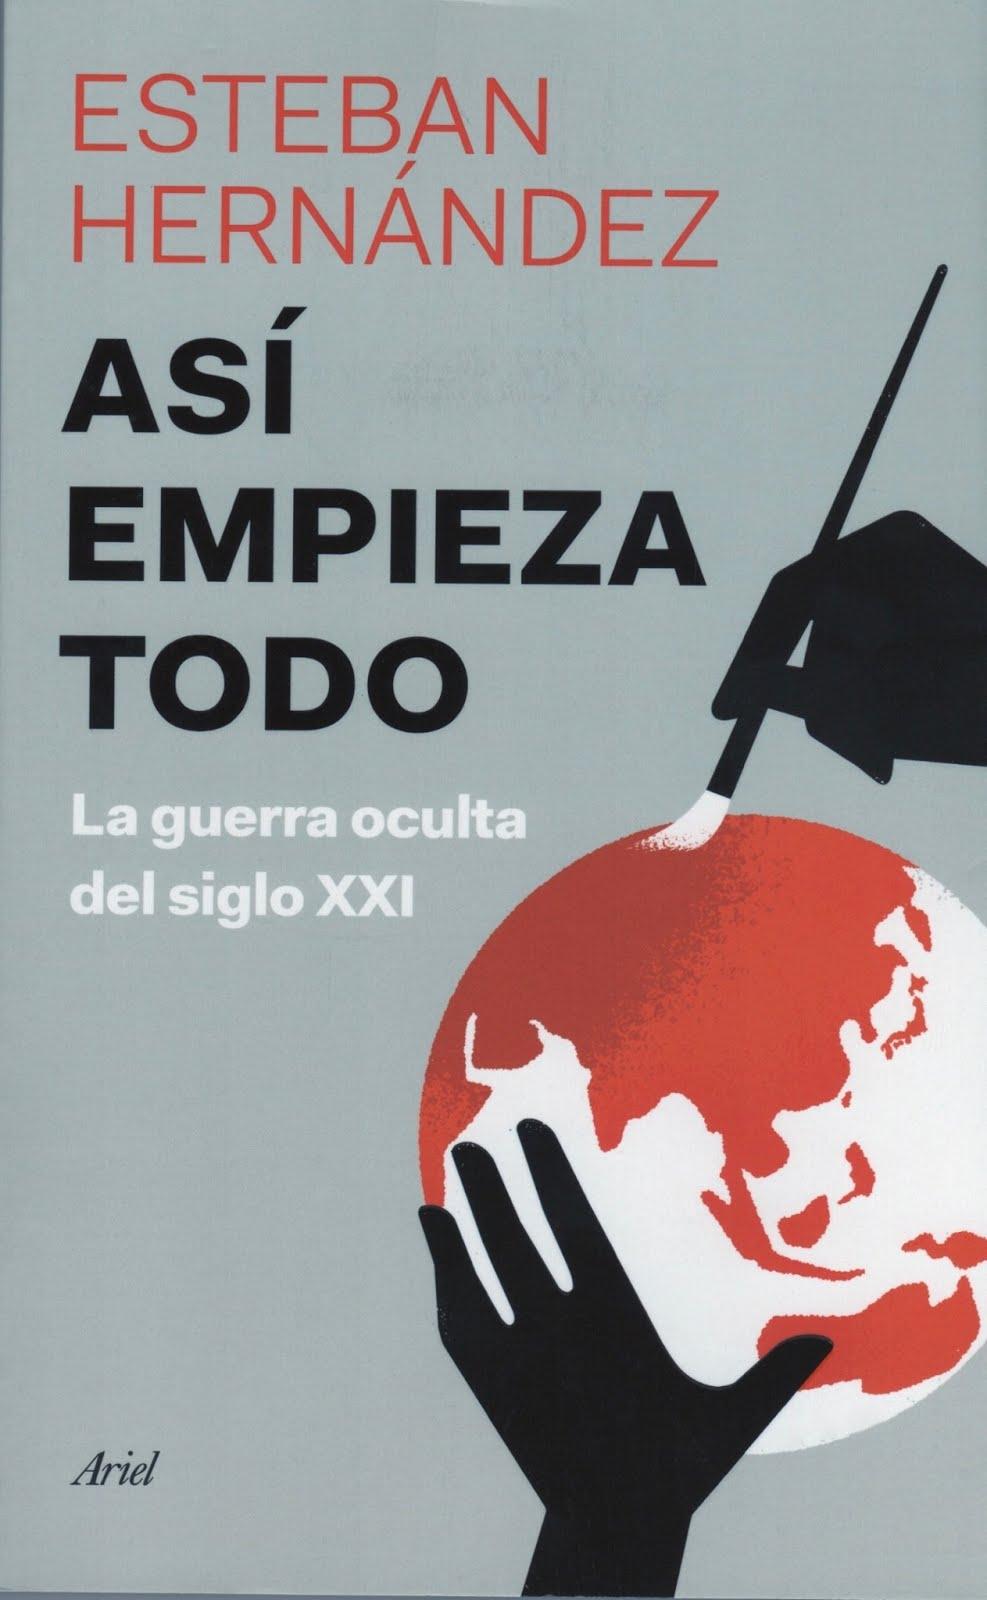 Esteban Hernández (Así empieza todo) La guerra oculta del siglo XXI